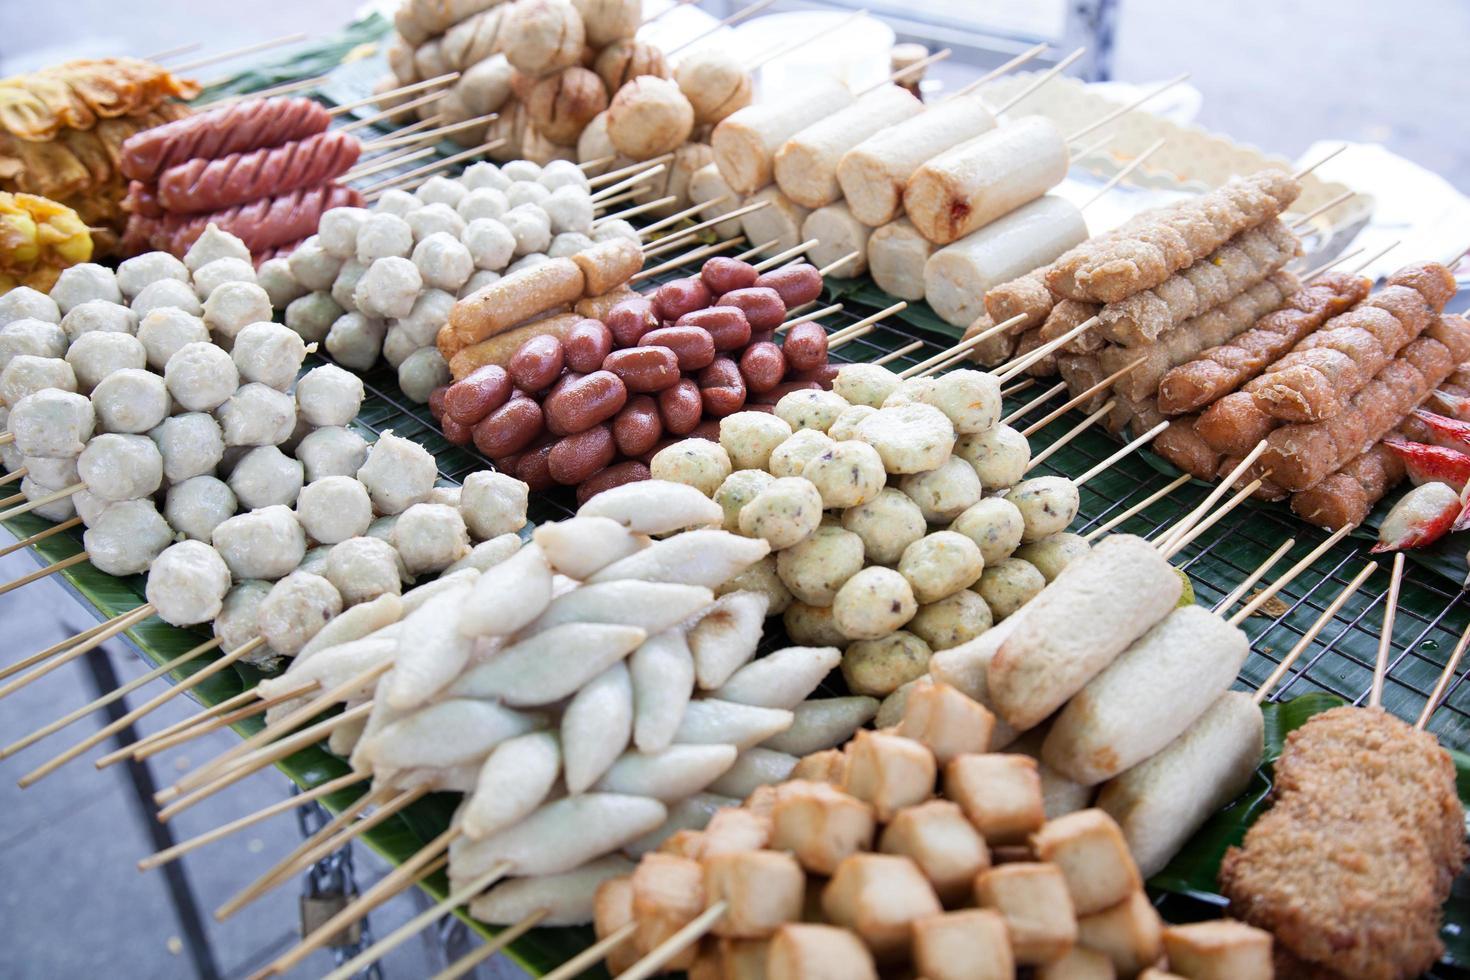 albóndigas fritas en un vendedor ambulante foto